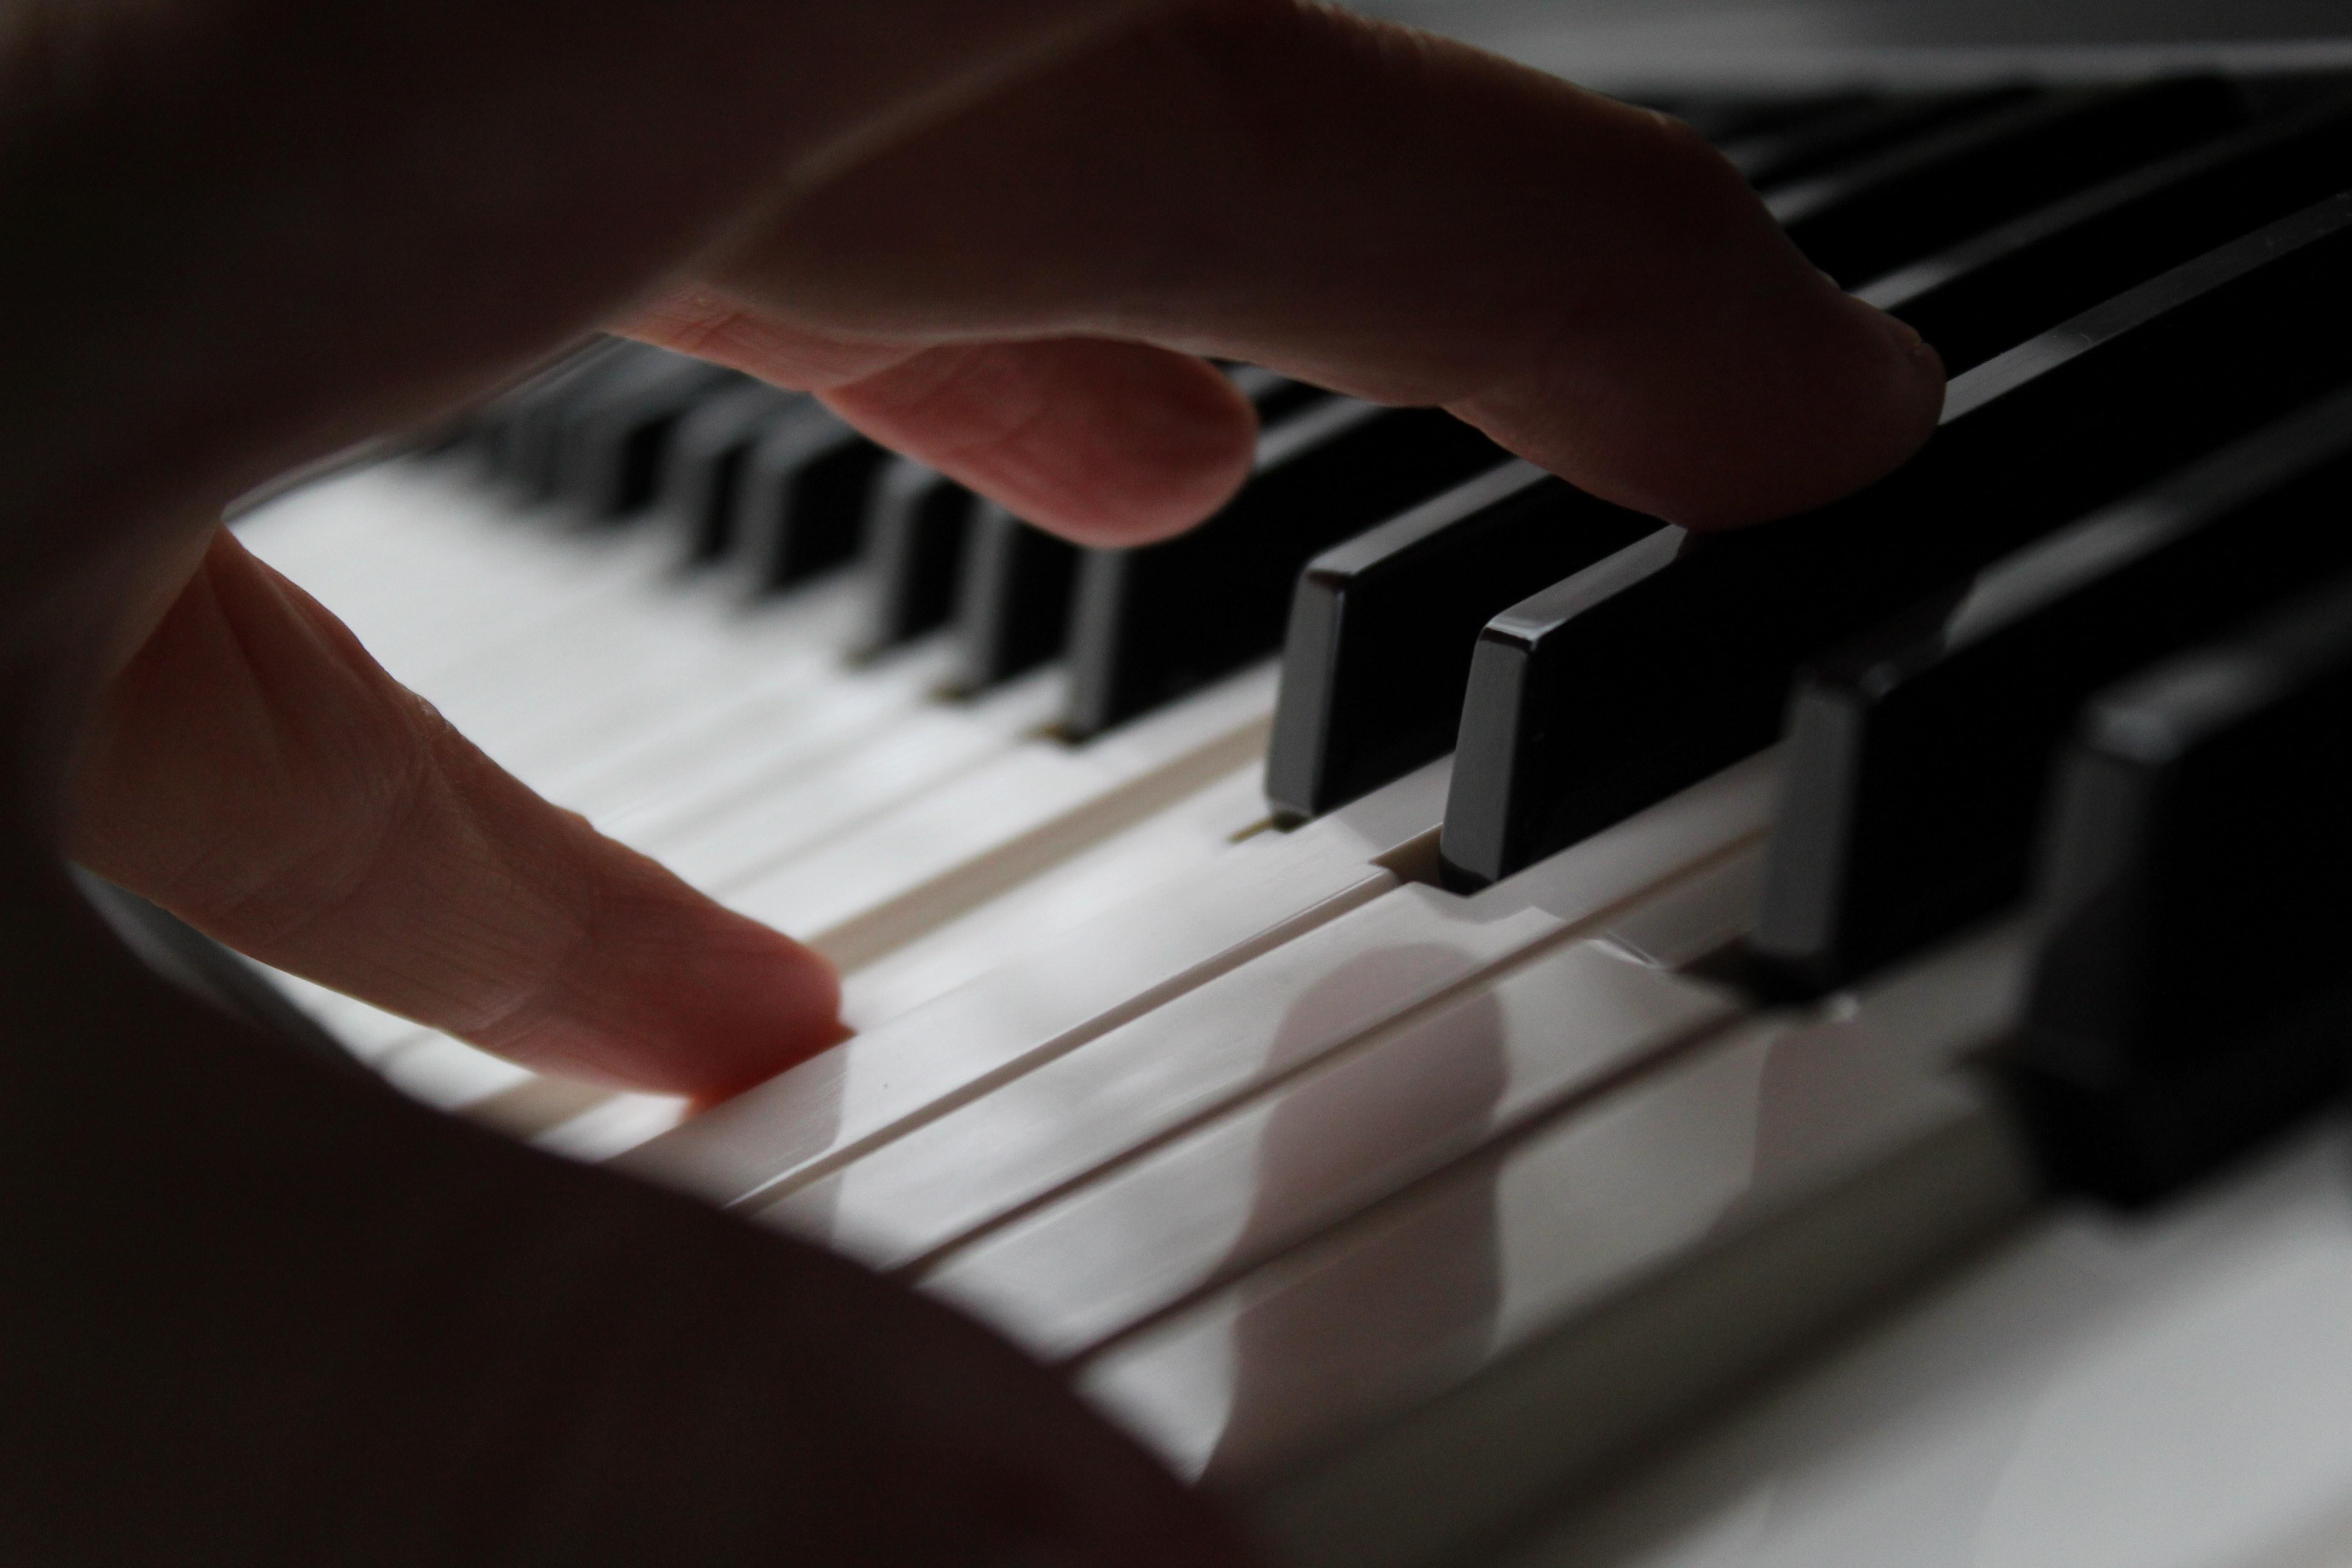 Đàn Piano điện Kurtzman: Có thể bạn chưa biết